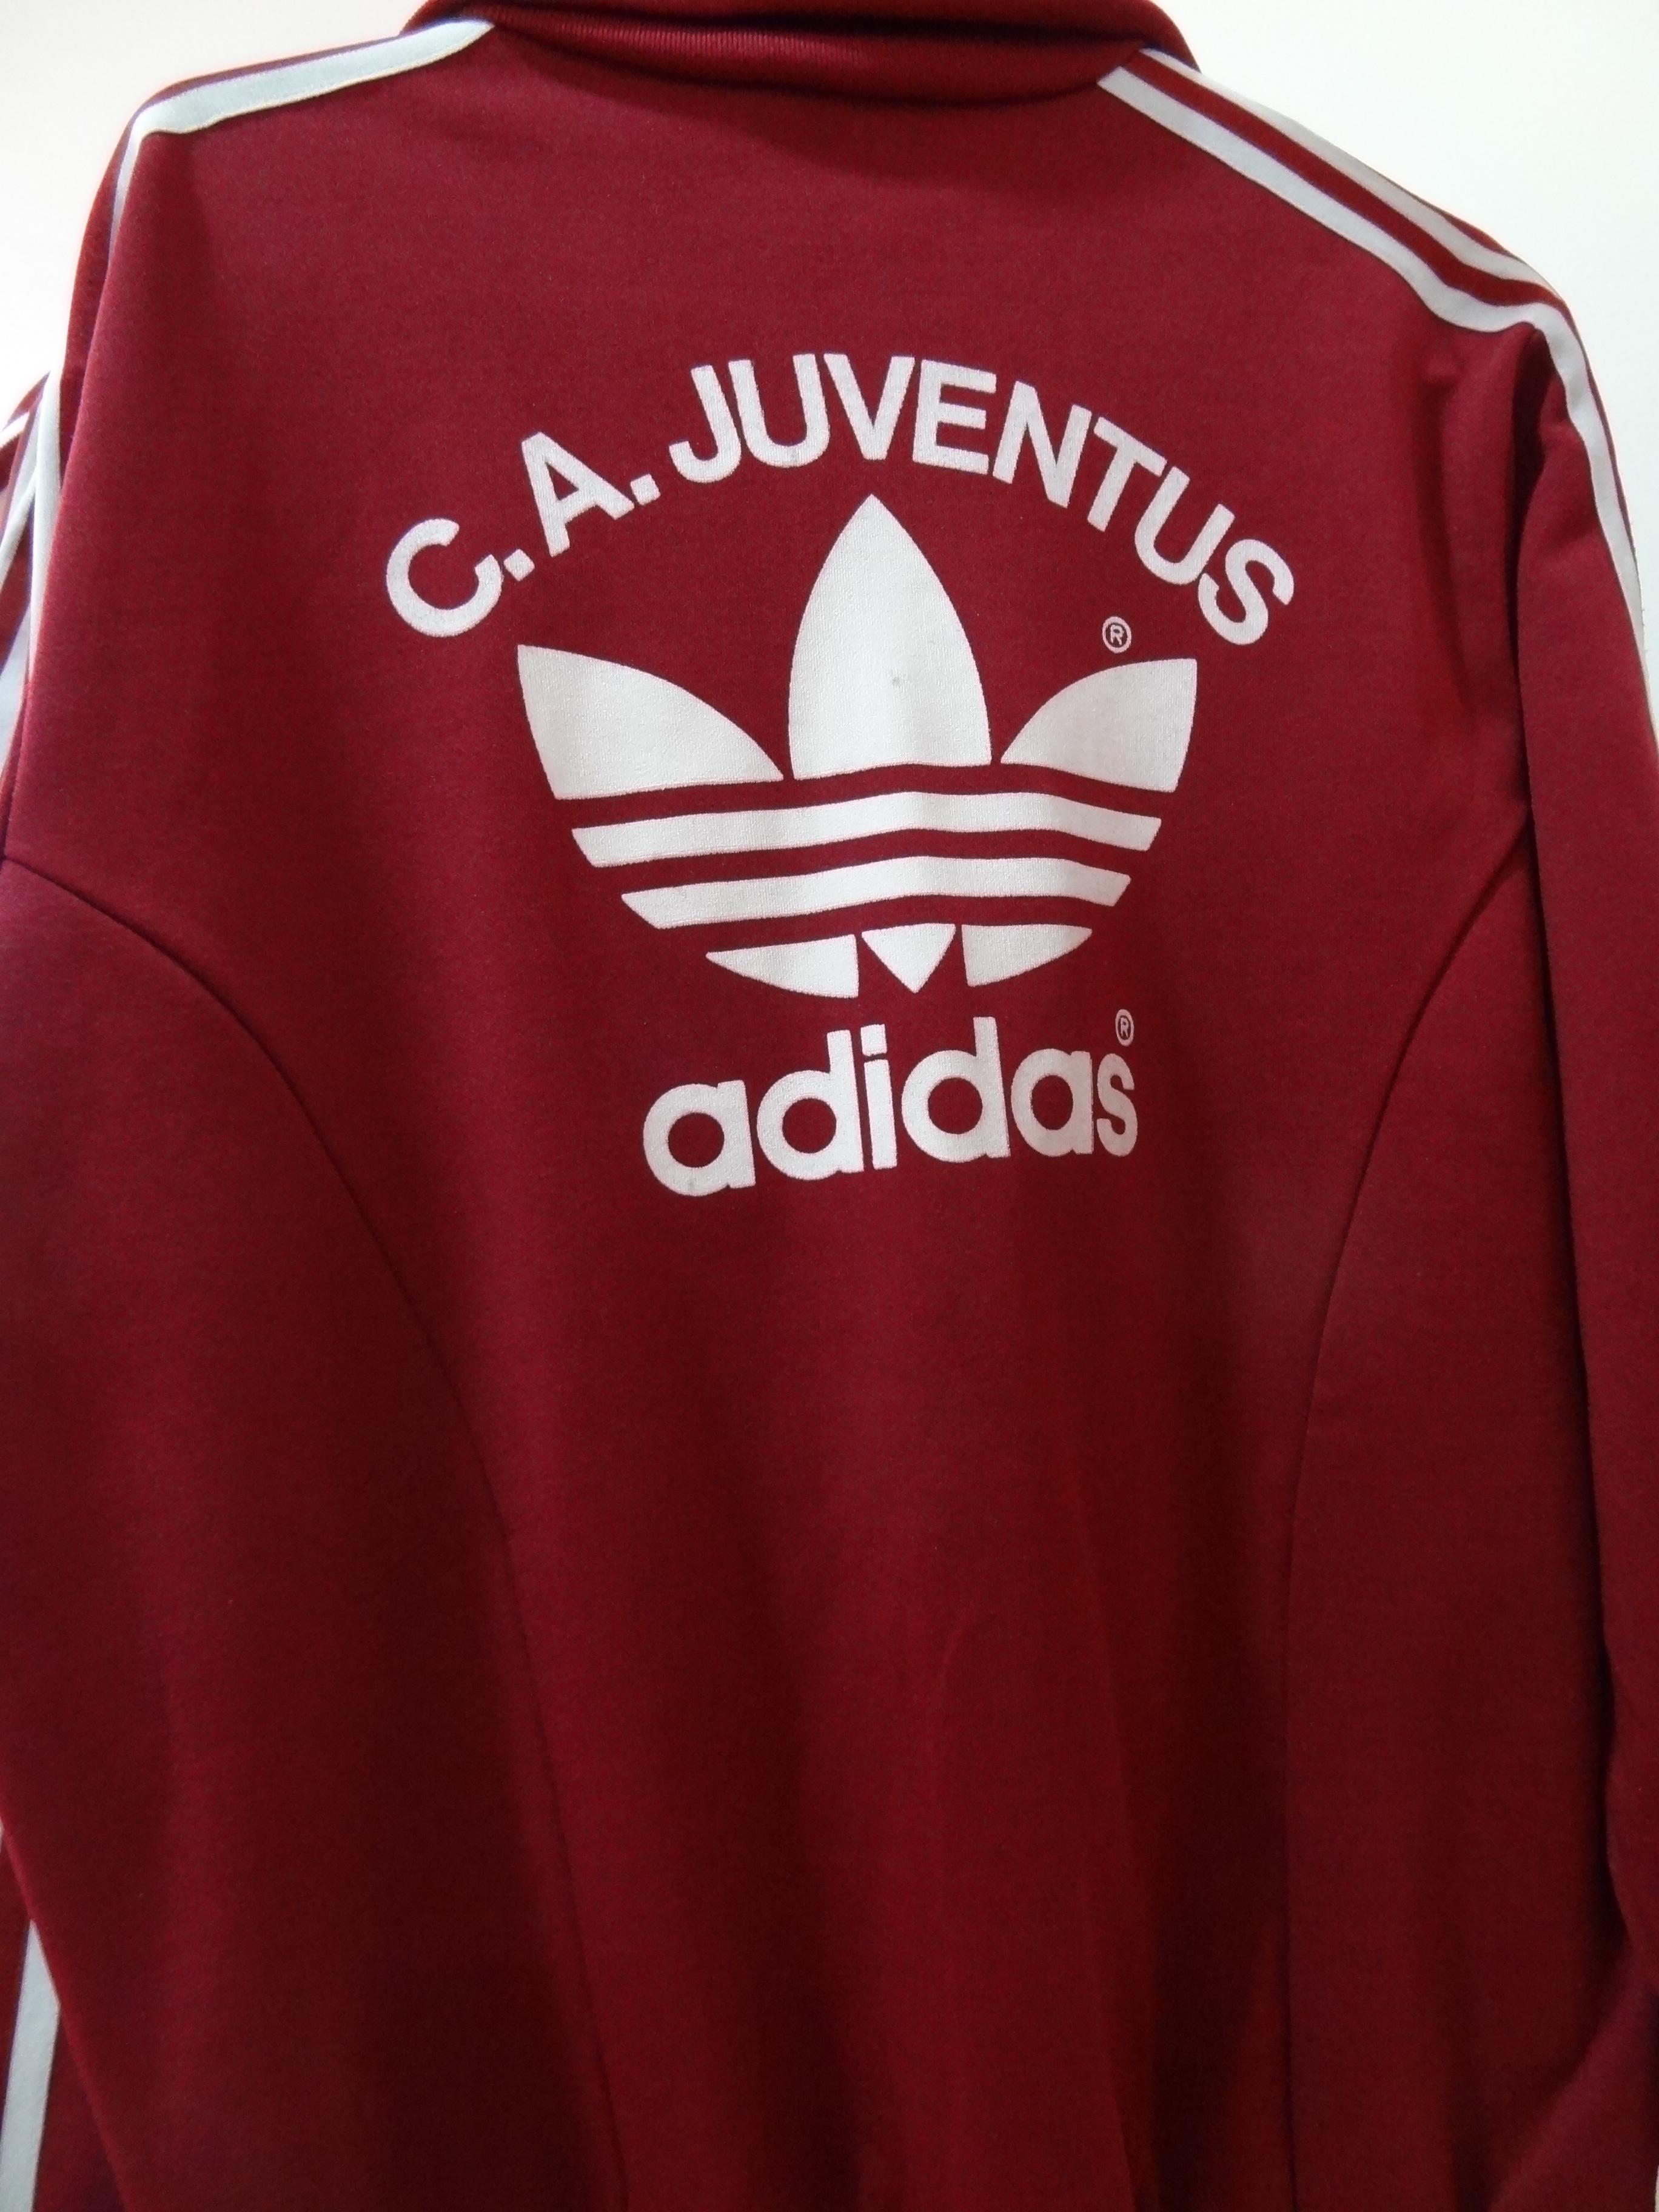 Juventus da Mooca – Fut Pop Clube afae1497b561a